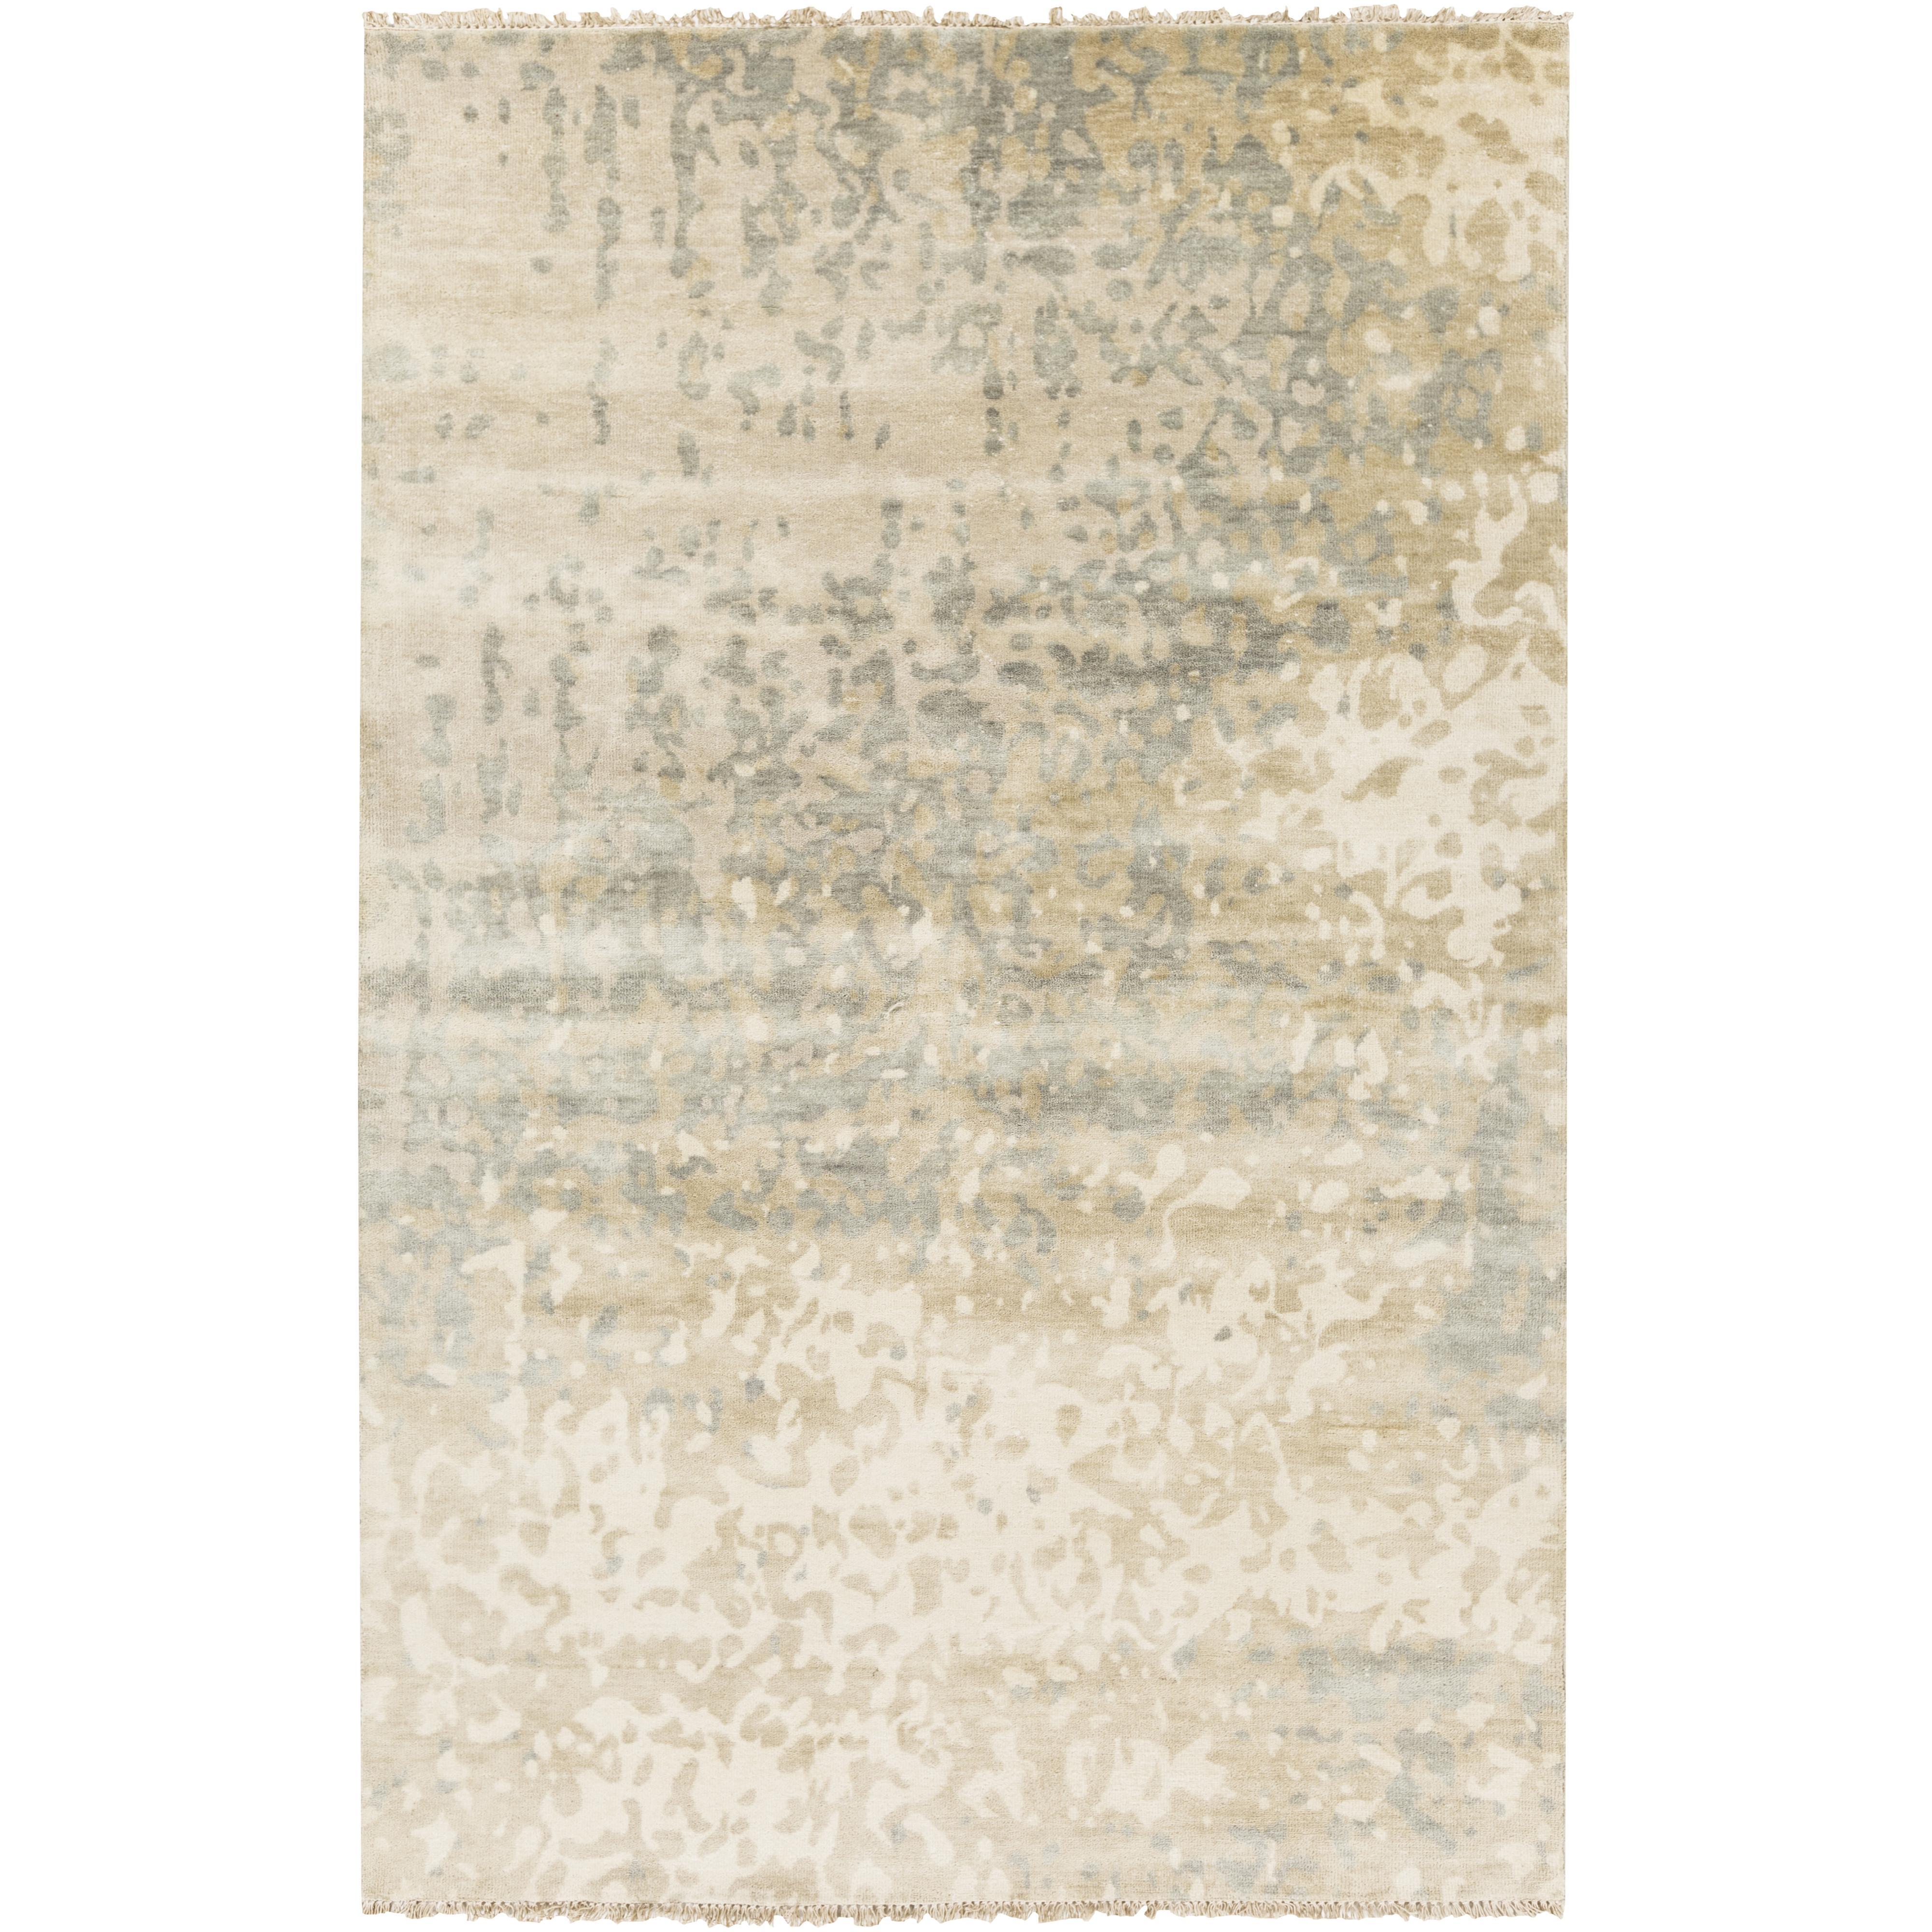 Surya Rugs Watercolor 2' x 3' - Item Number: WAT5014-23